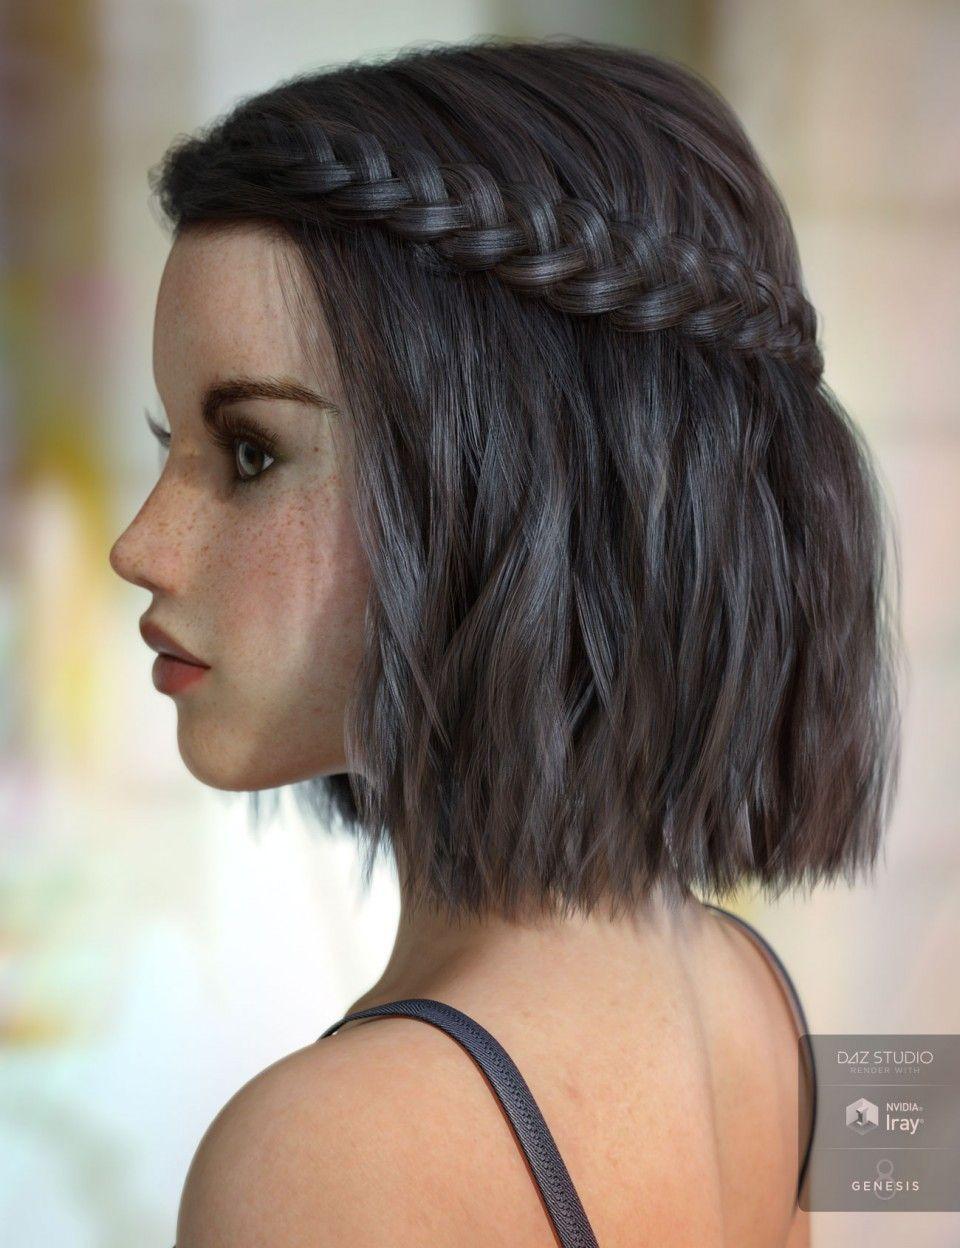 Easybraidedhairstyles In 2020 Prom Hairstyles For Short Hair Thick Hair Styles Short Hairstyles For Thick Hair